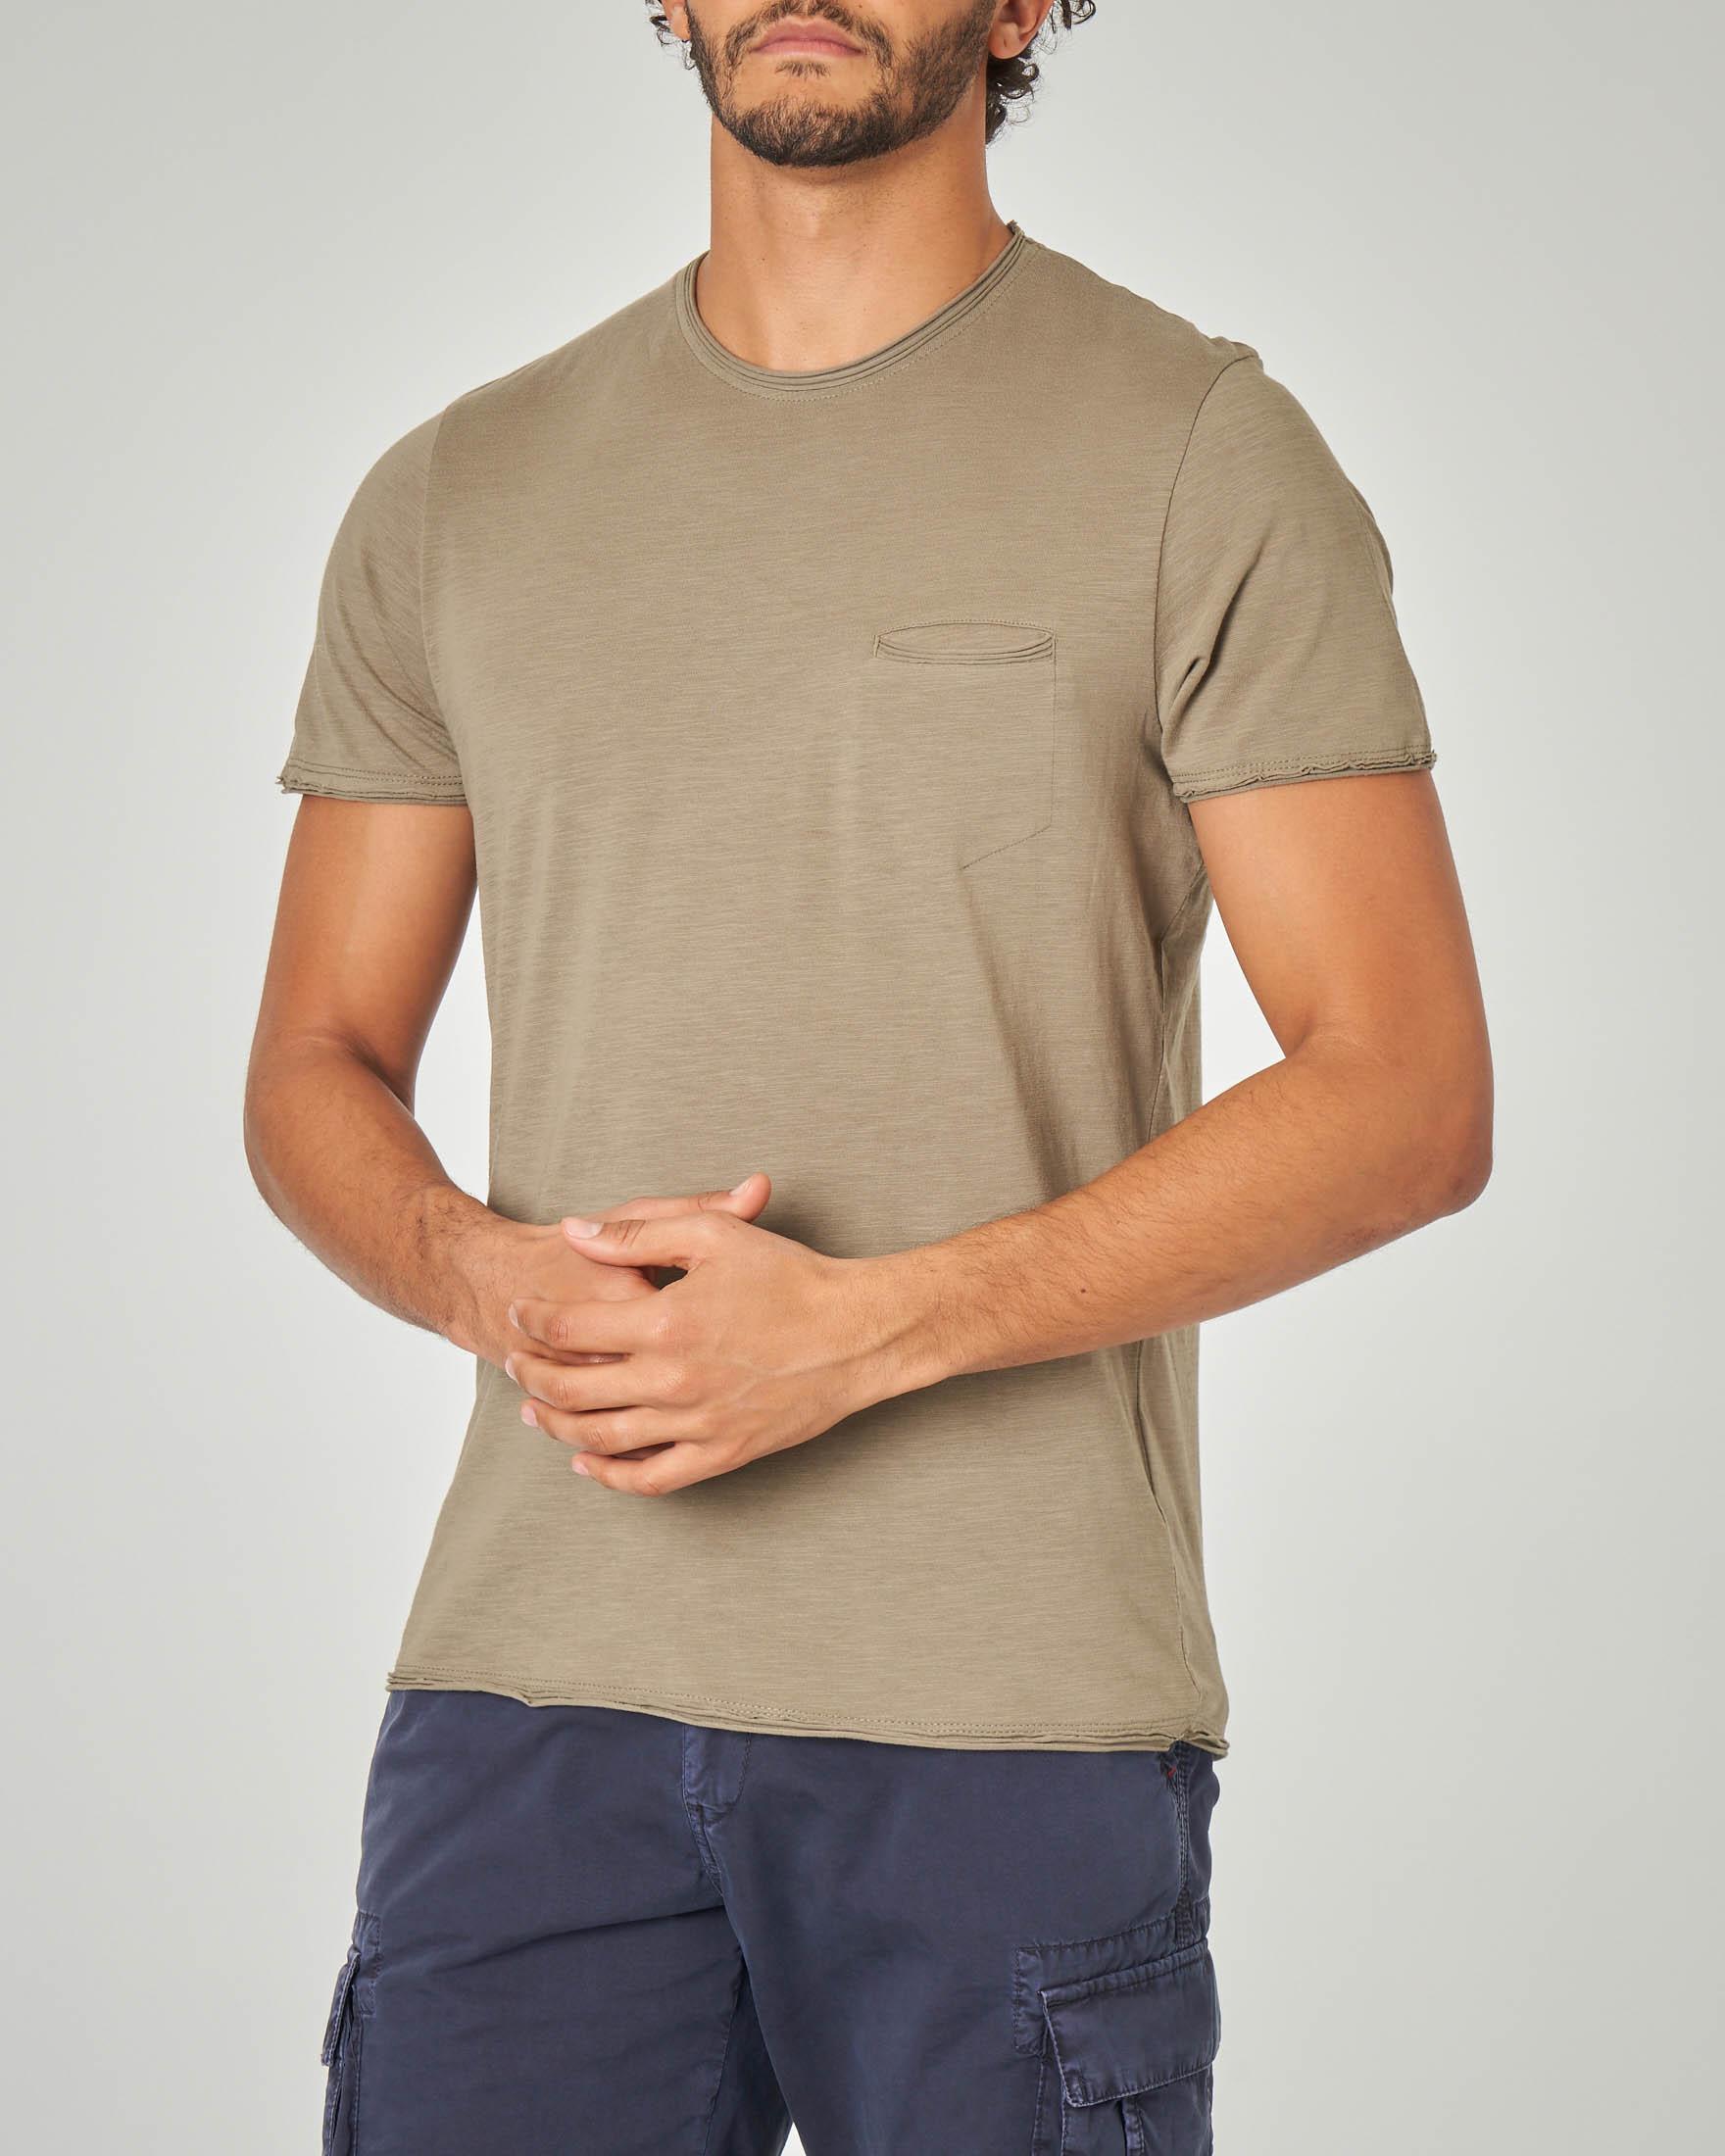 T-shirt verde militare con taschino a filo